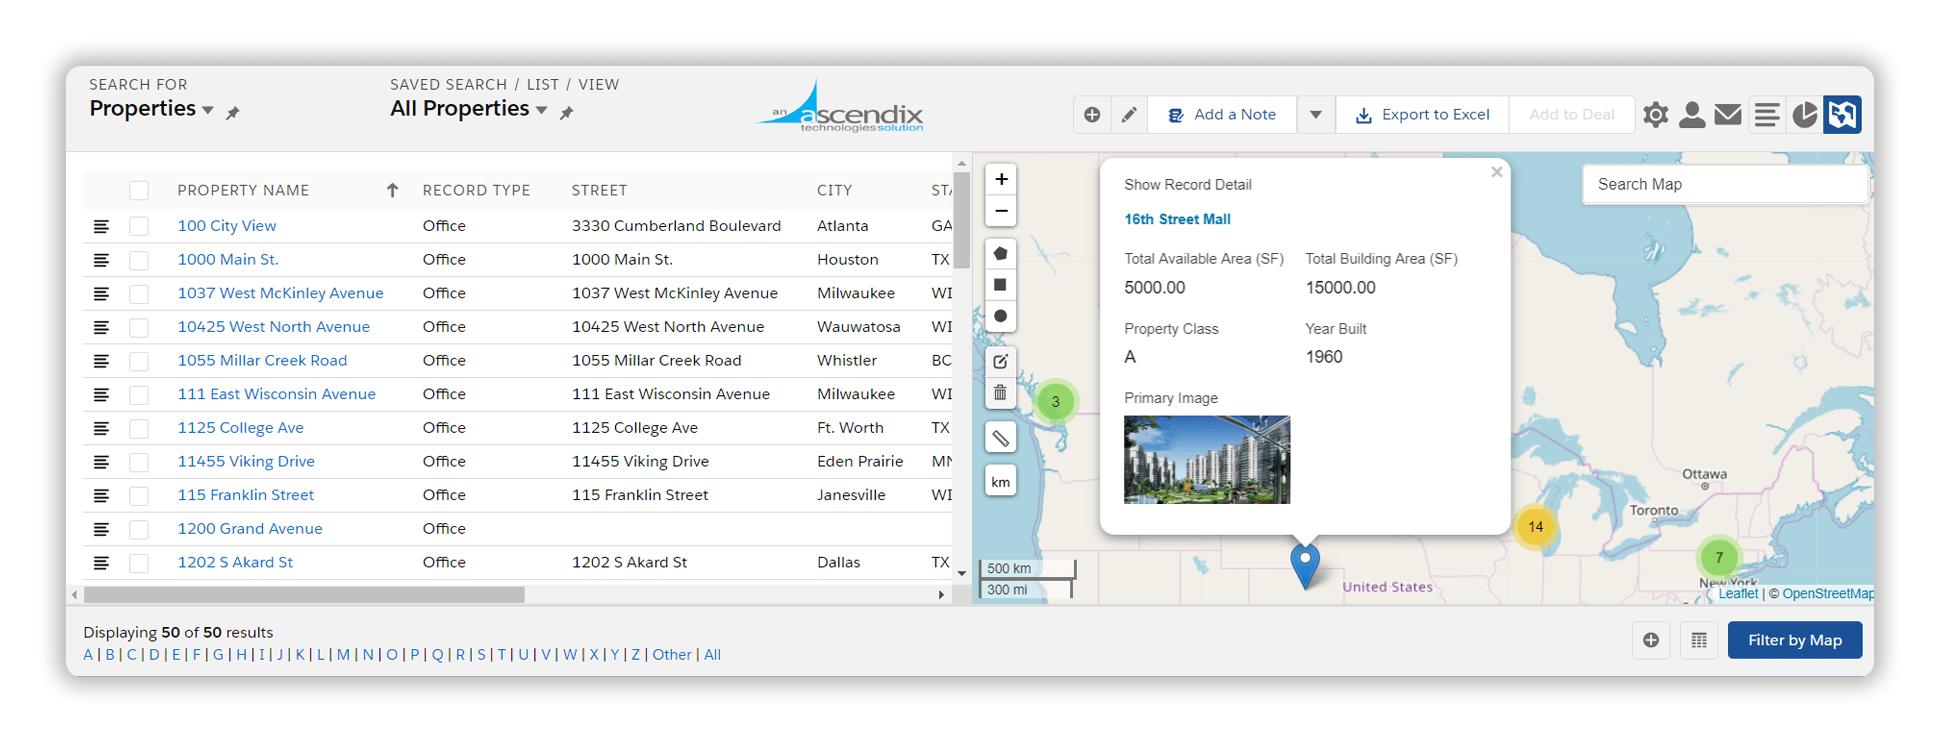 Ascendix-Search-new-map-previews